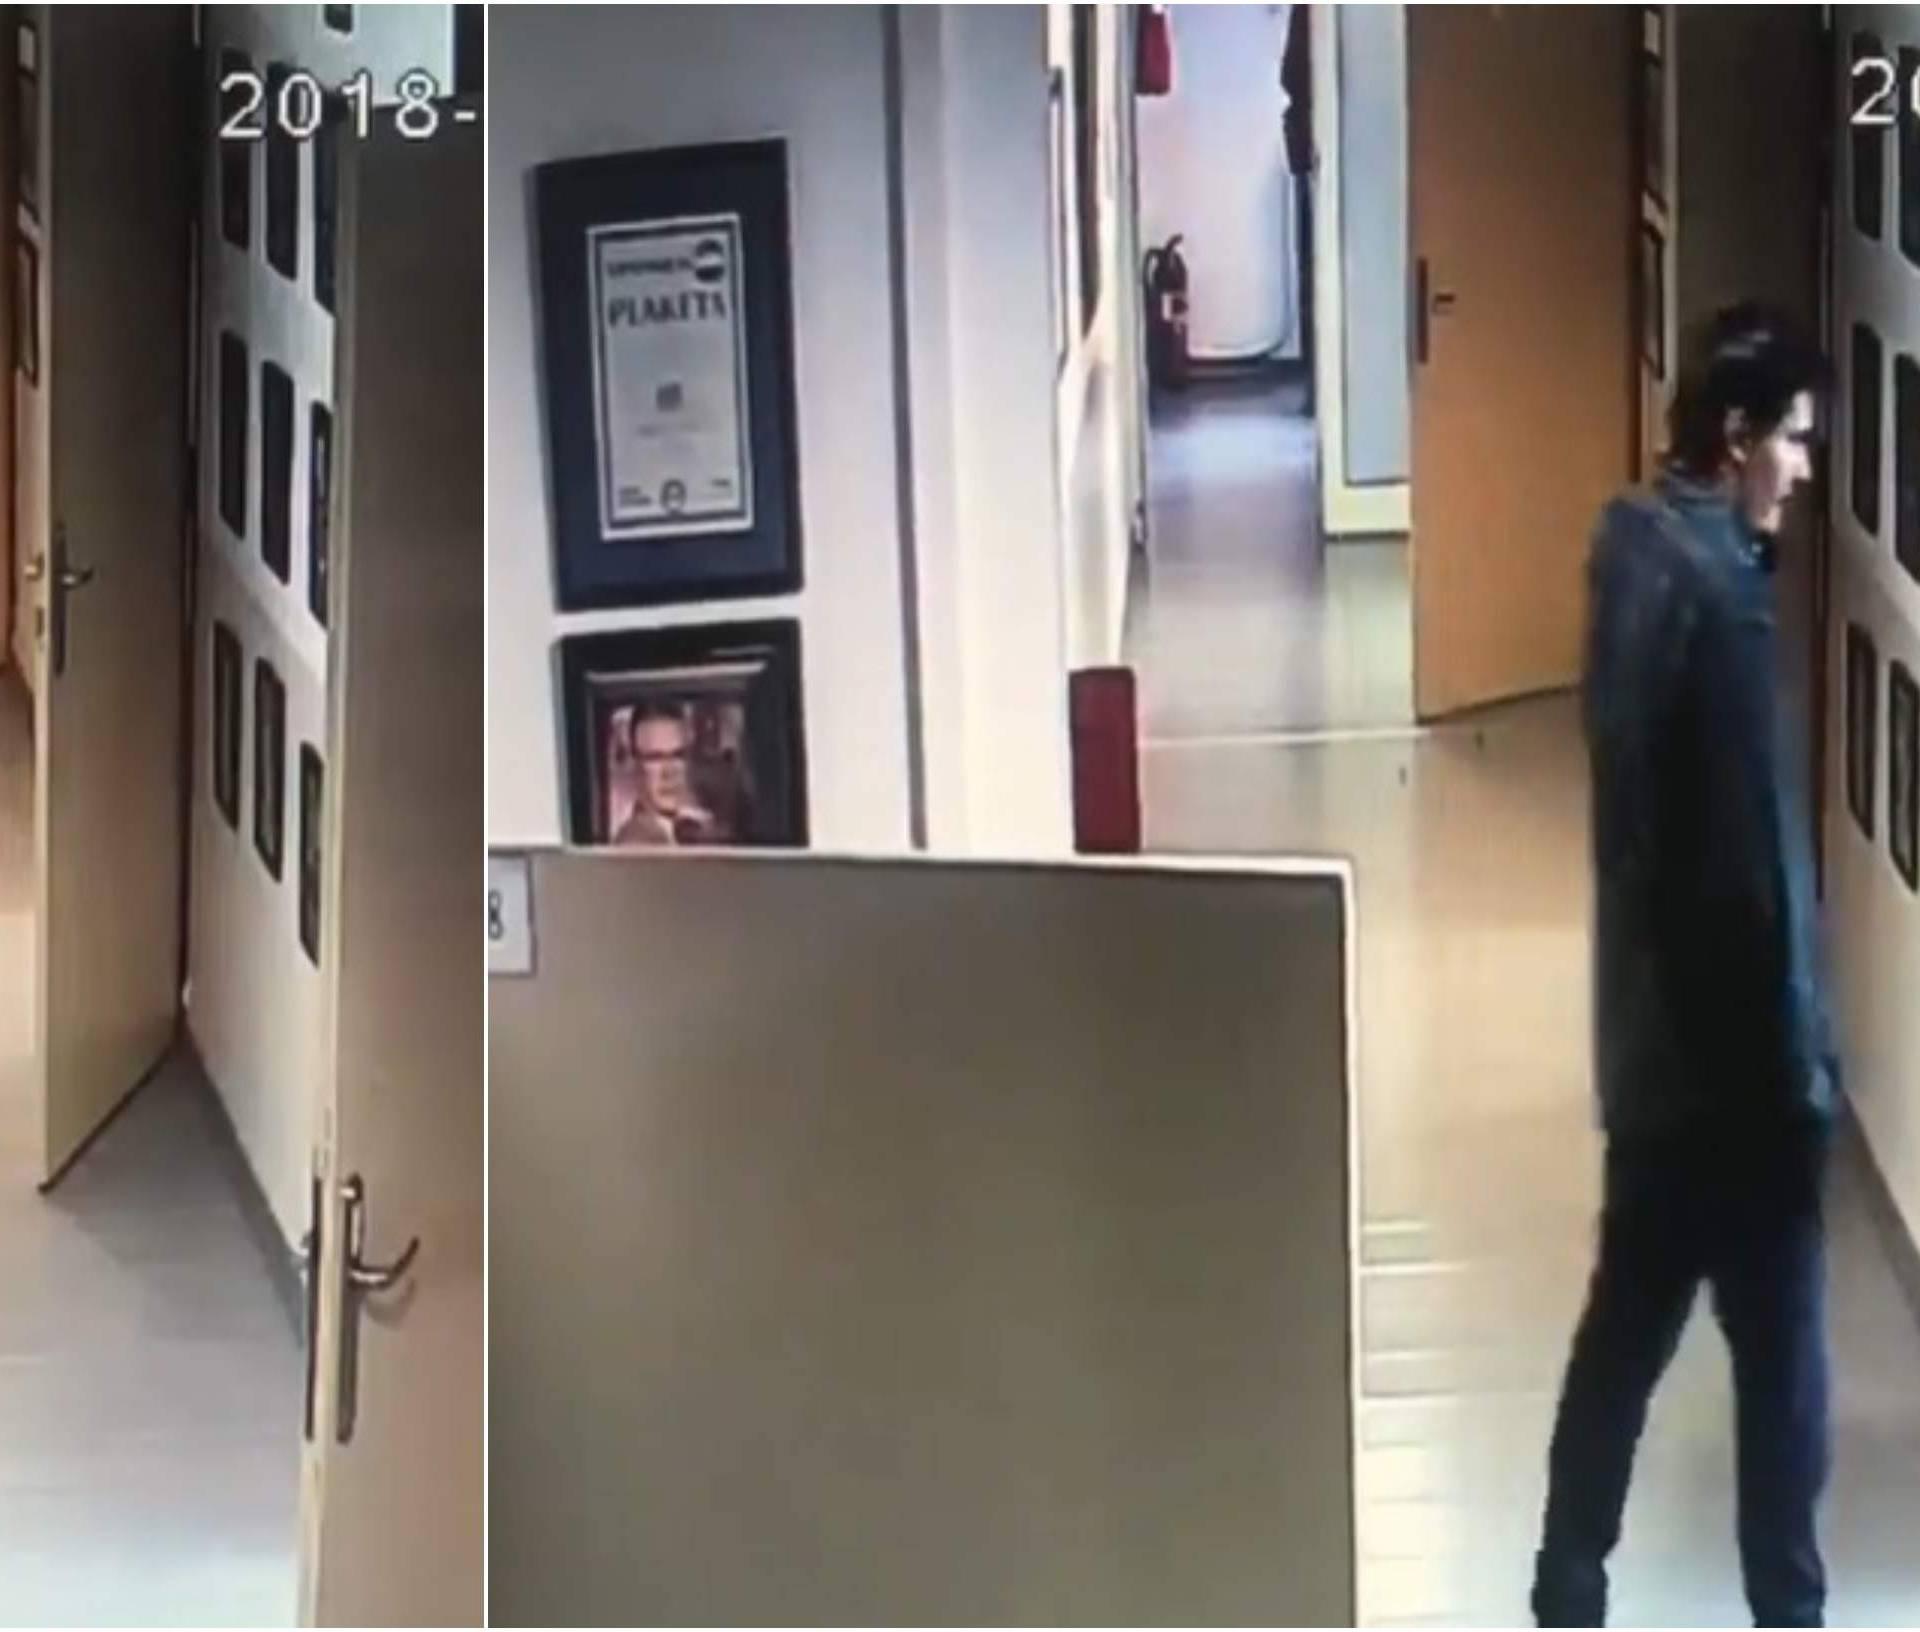 Serijski kradljivac uhvaćen je na kameri: Vraća se u zatvor